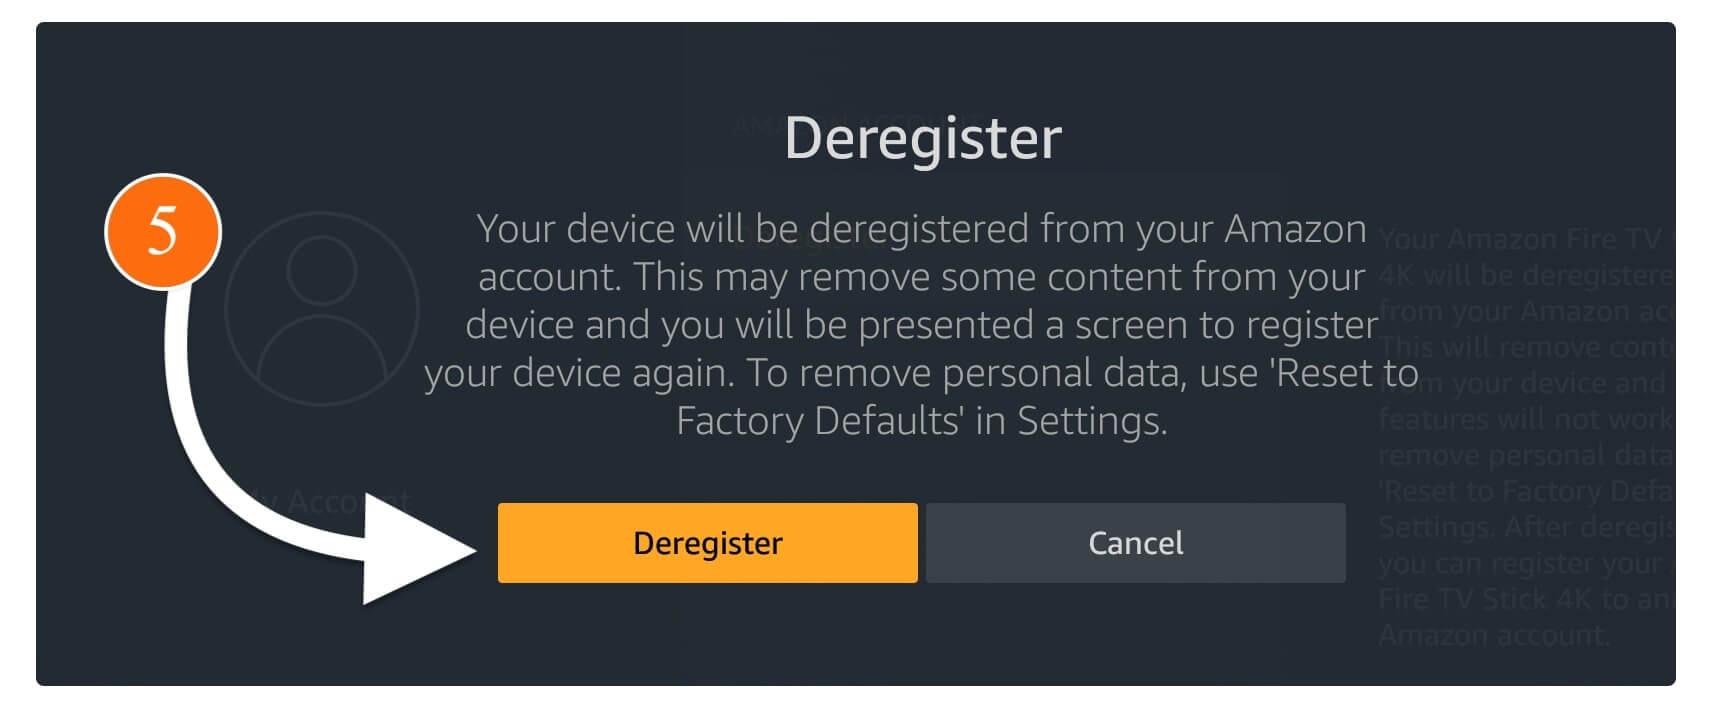 Deregister-Firestick